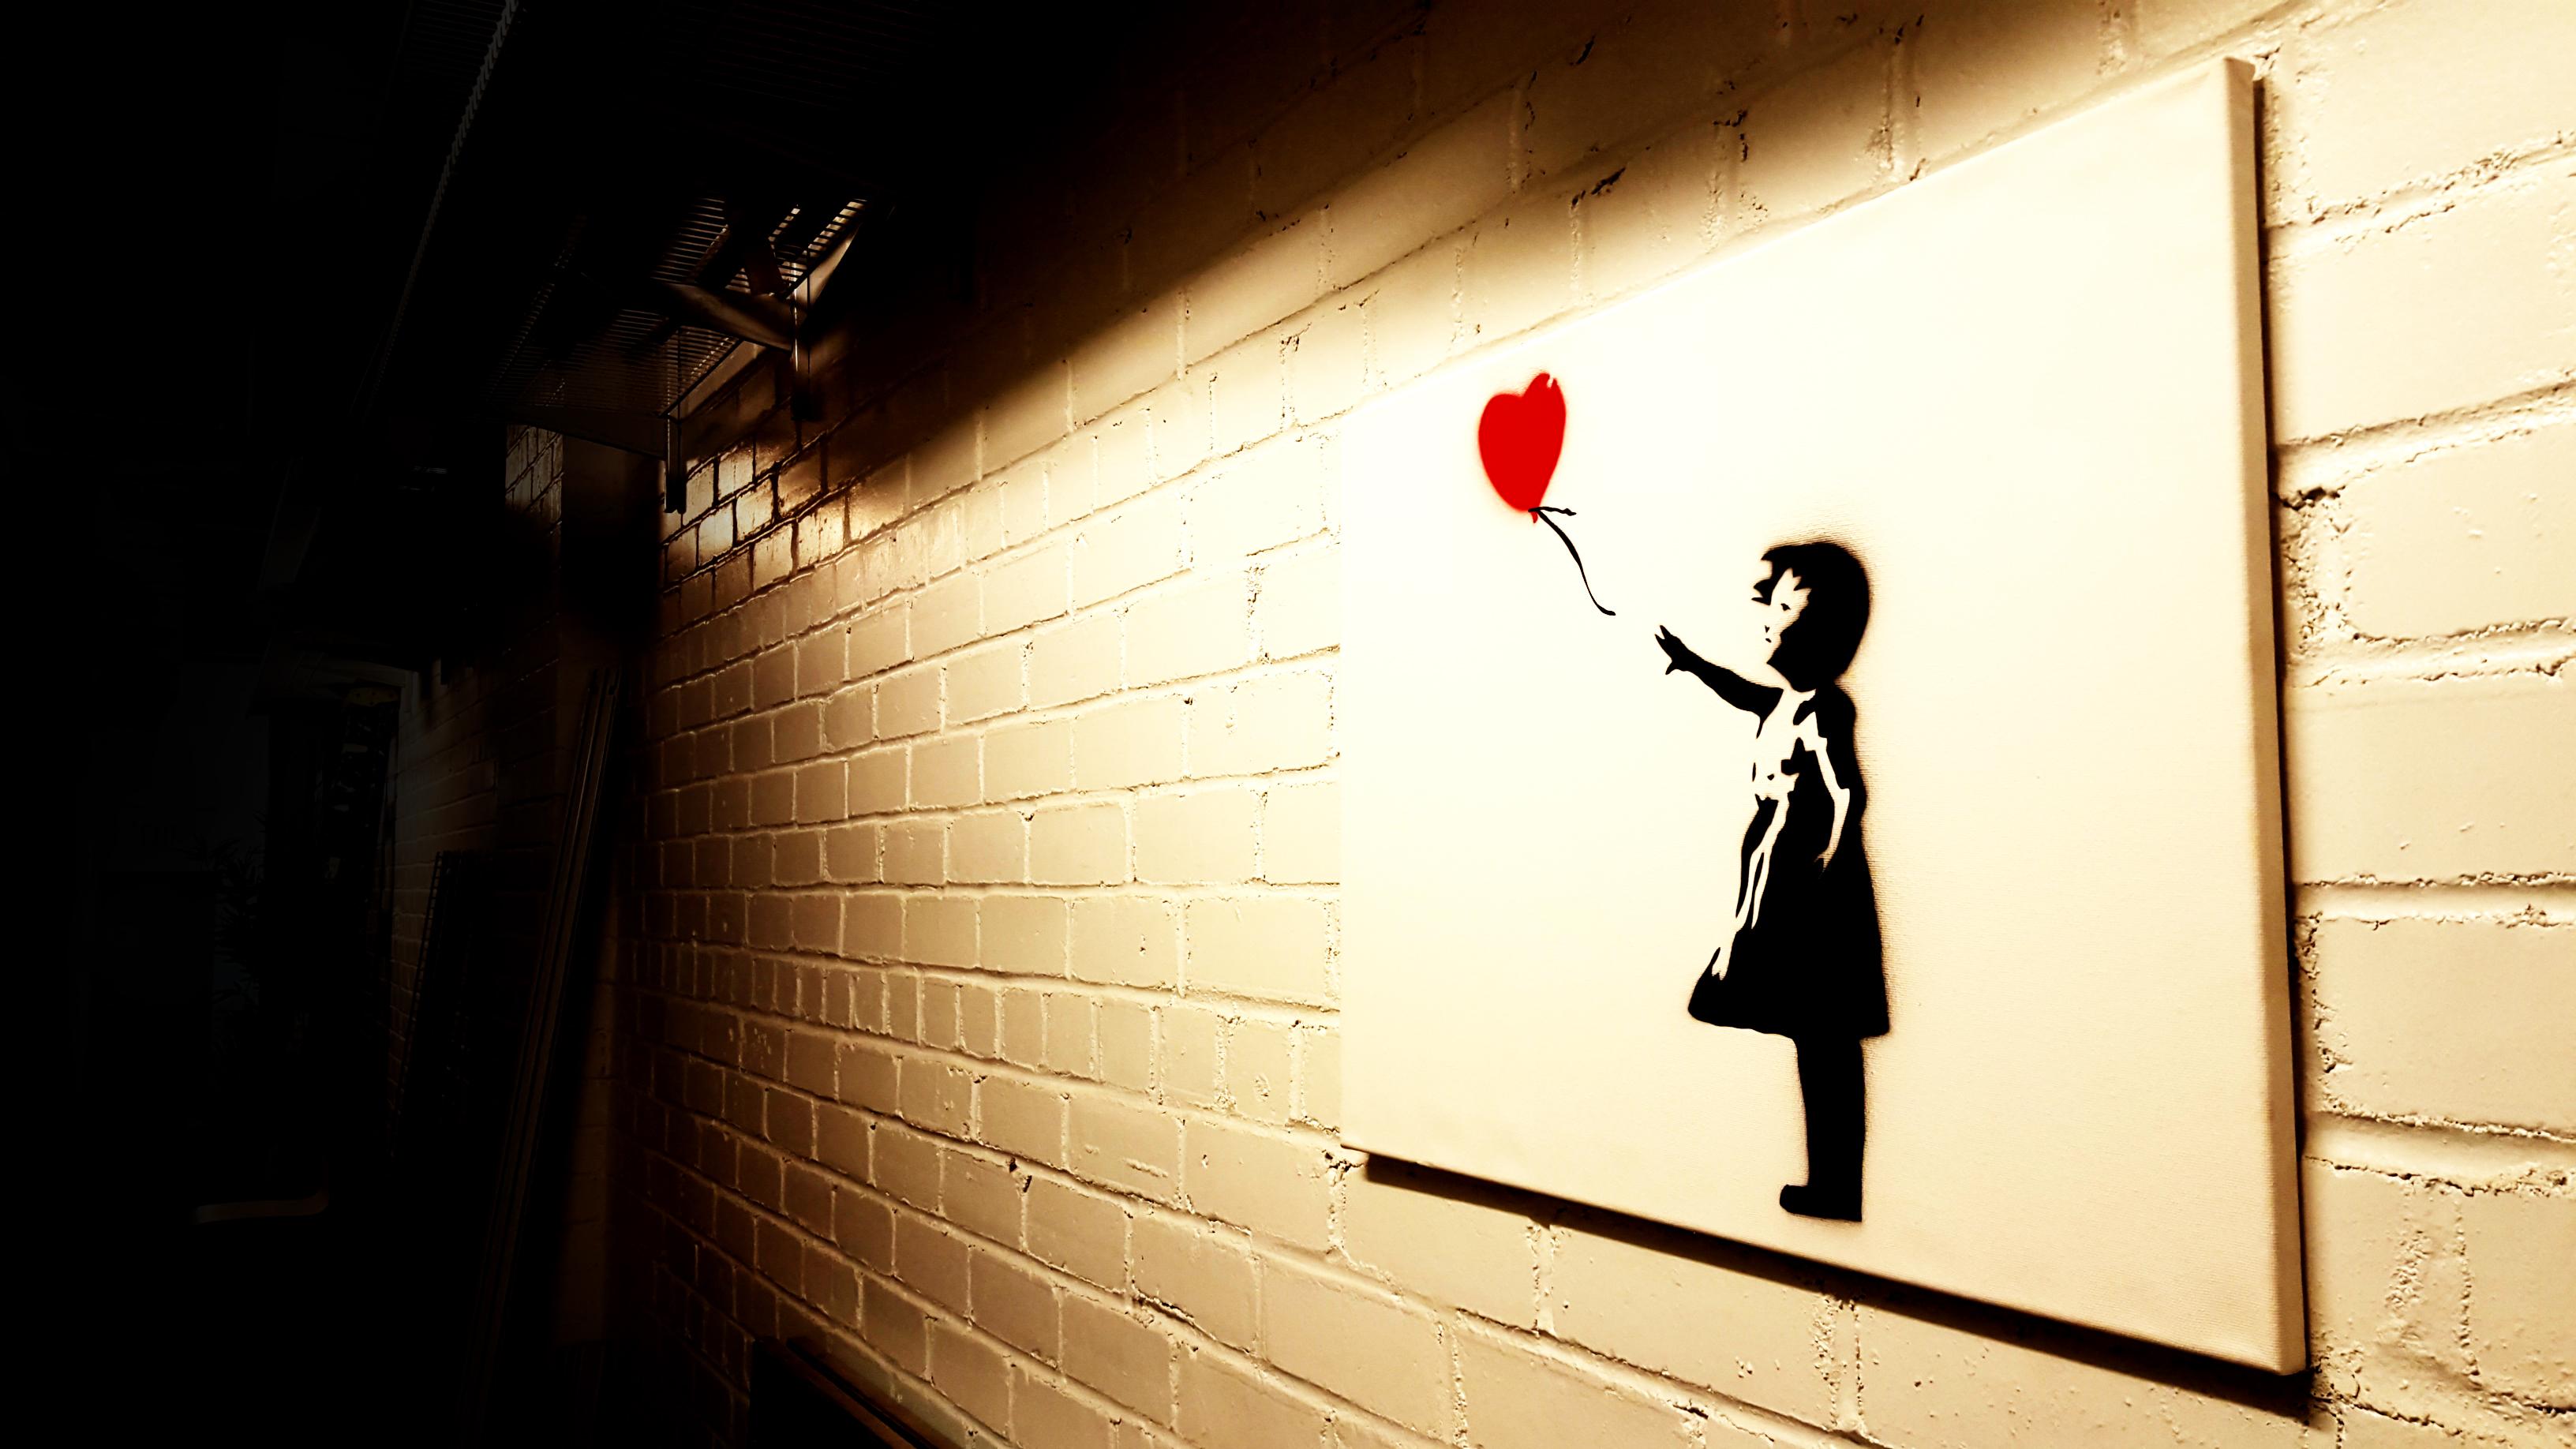 Danksy_BalloonGirl2